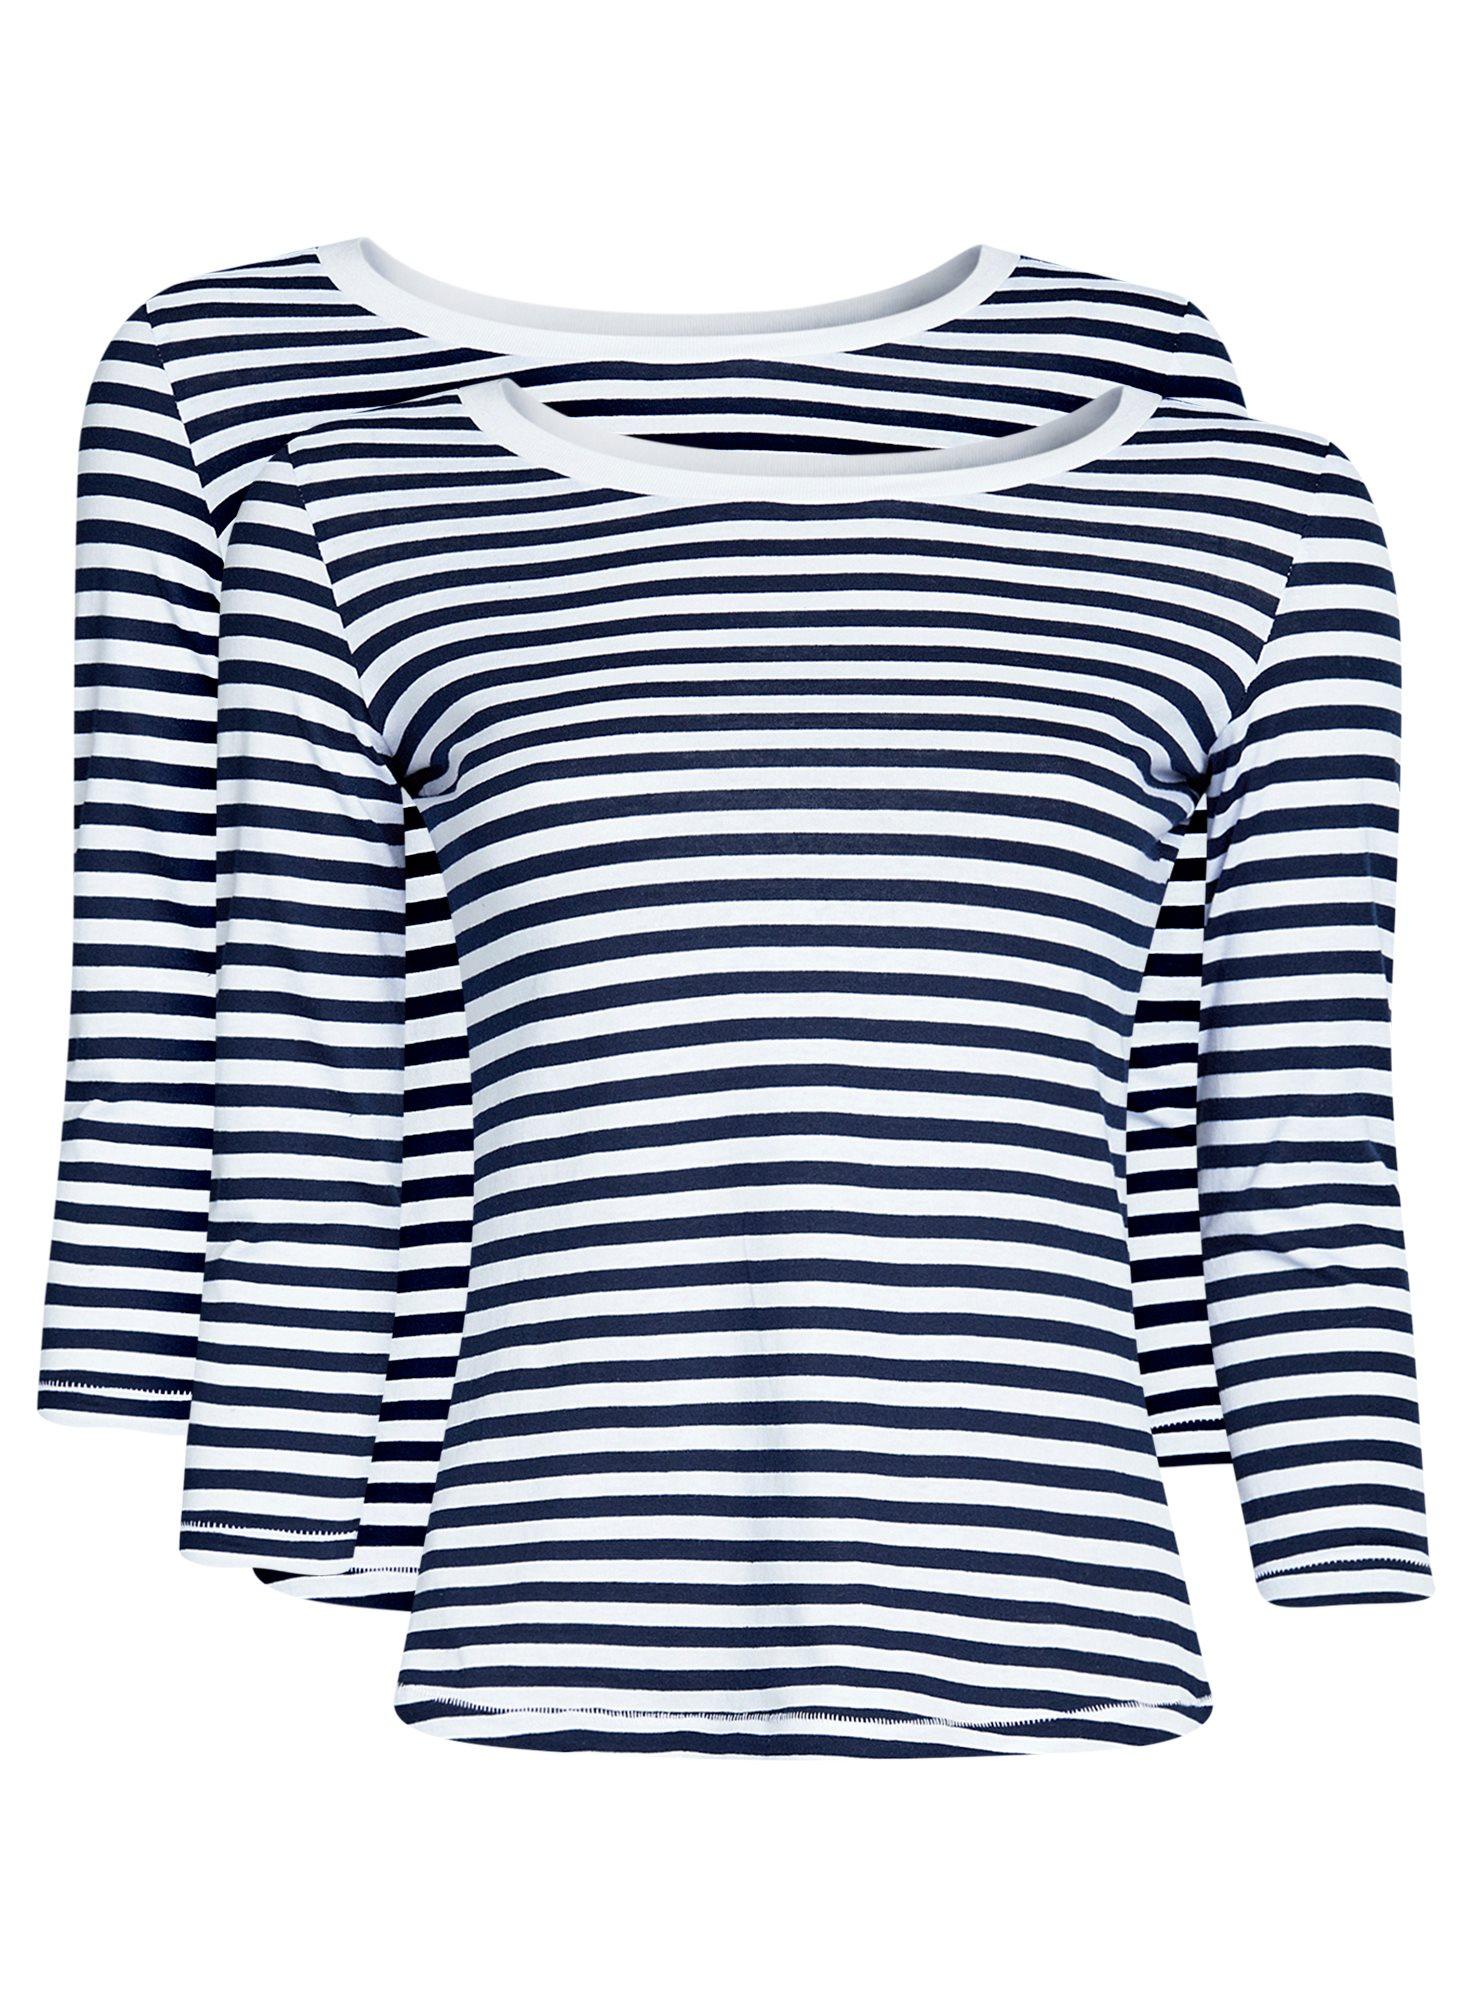 Комплект футболок с длинным рукавом (2 штуки) oodji для женщины (синий), 14201005T2/46158/7910S